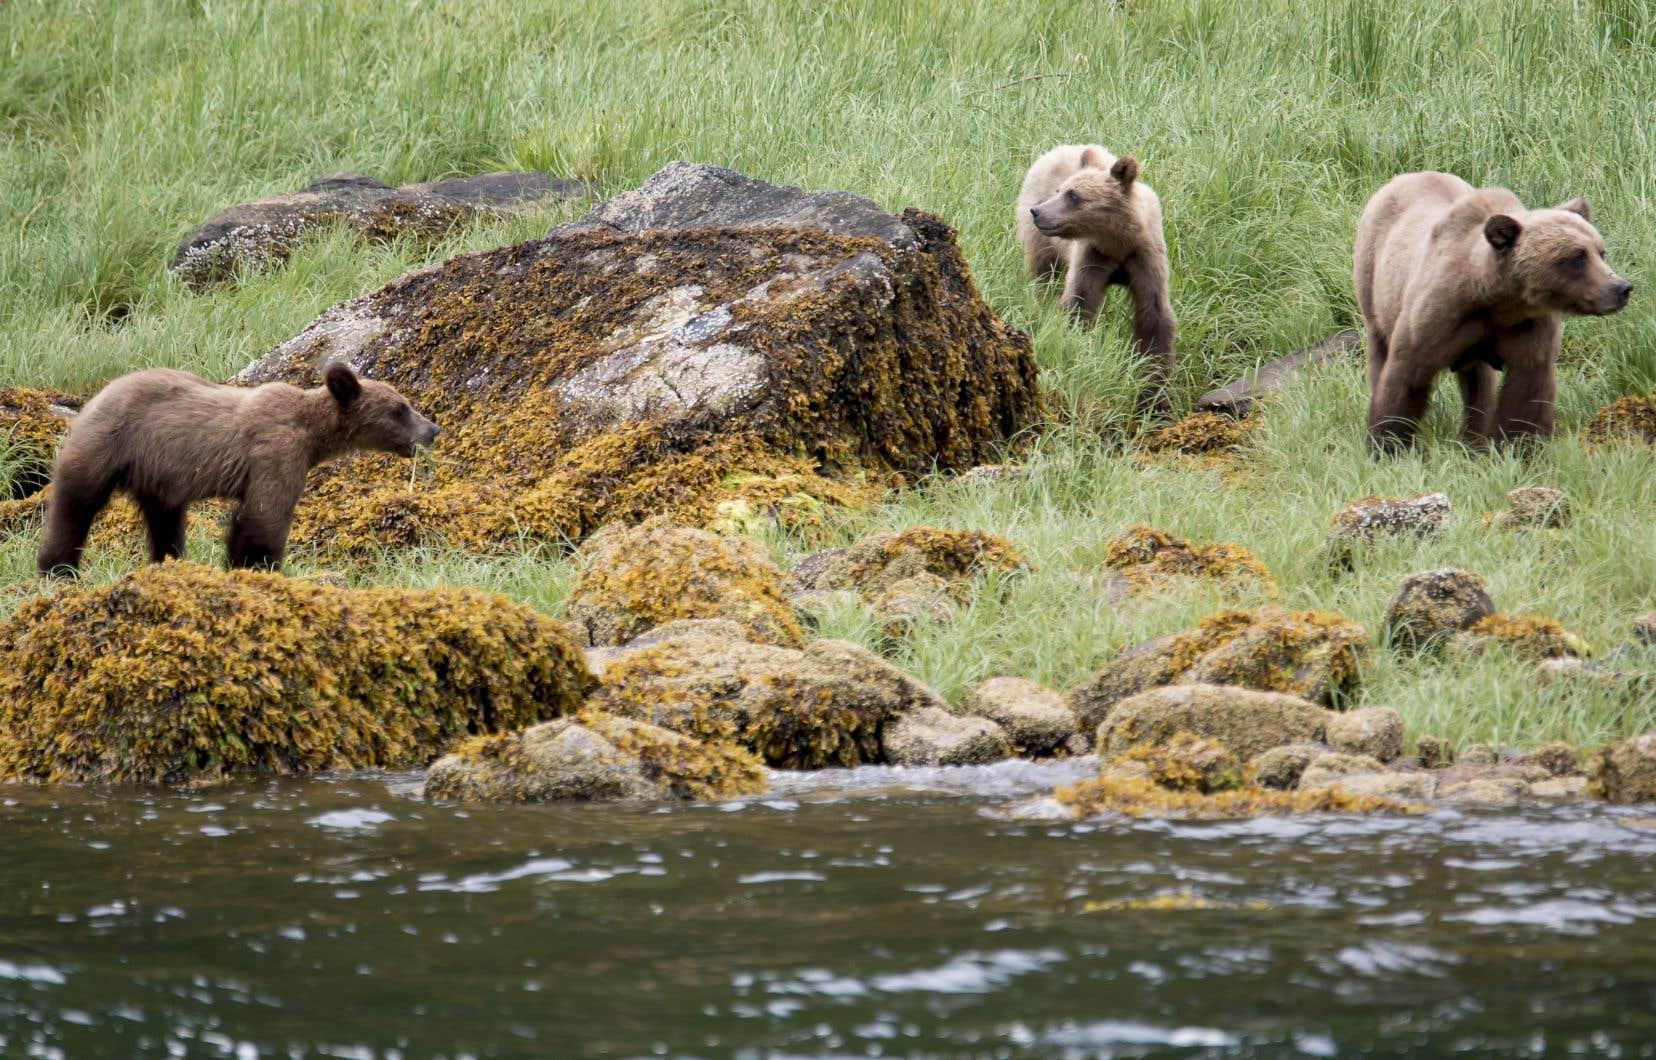 Les grizzlis ont perdu une partie importante de leur habitat à cause de l'activité humaine en Amérique du Nord, mais ils migrent vers le nord depuis plusieurs années, explique le professeur Doug Clark.